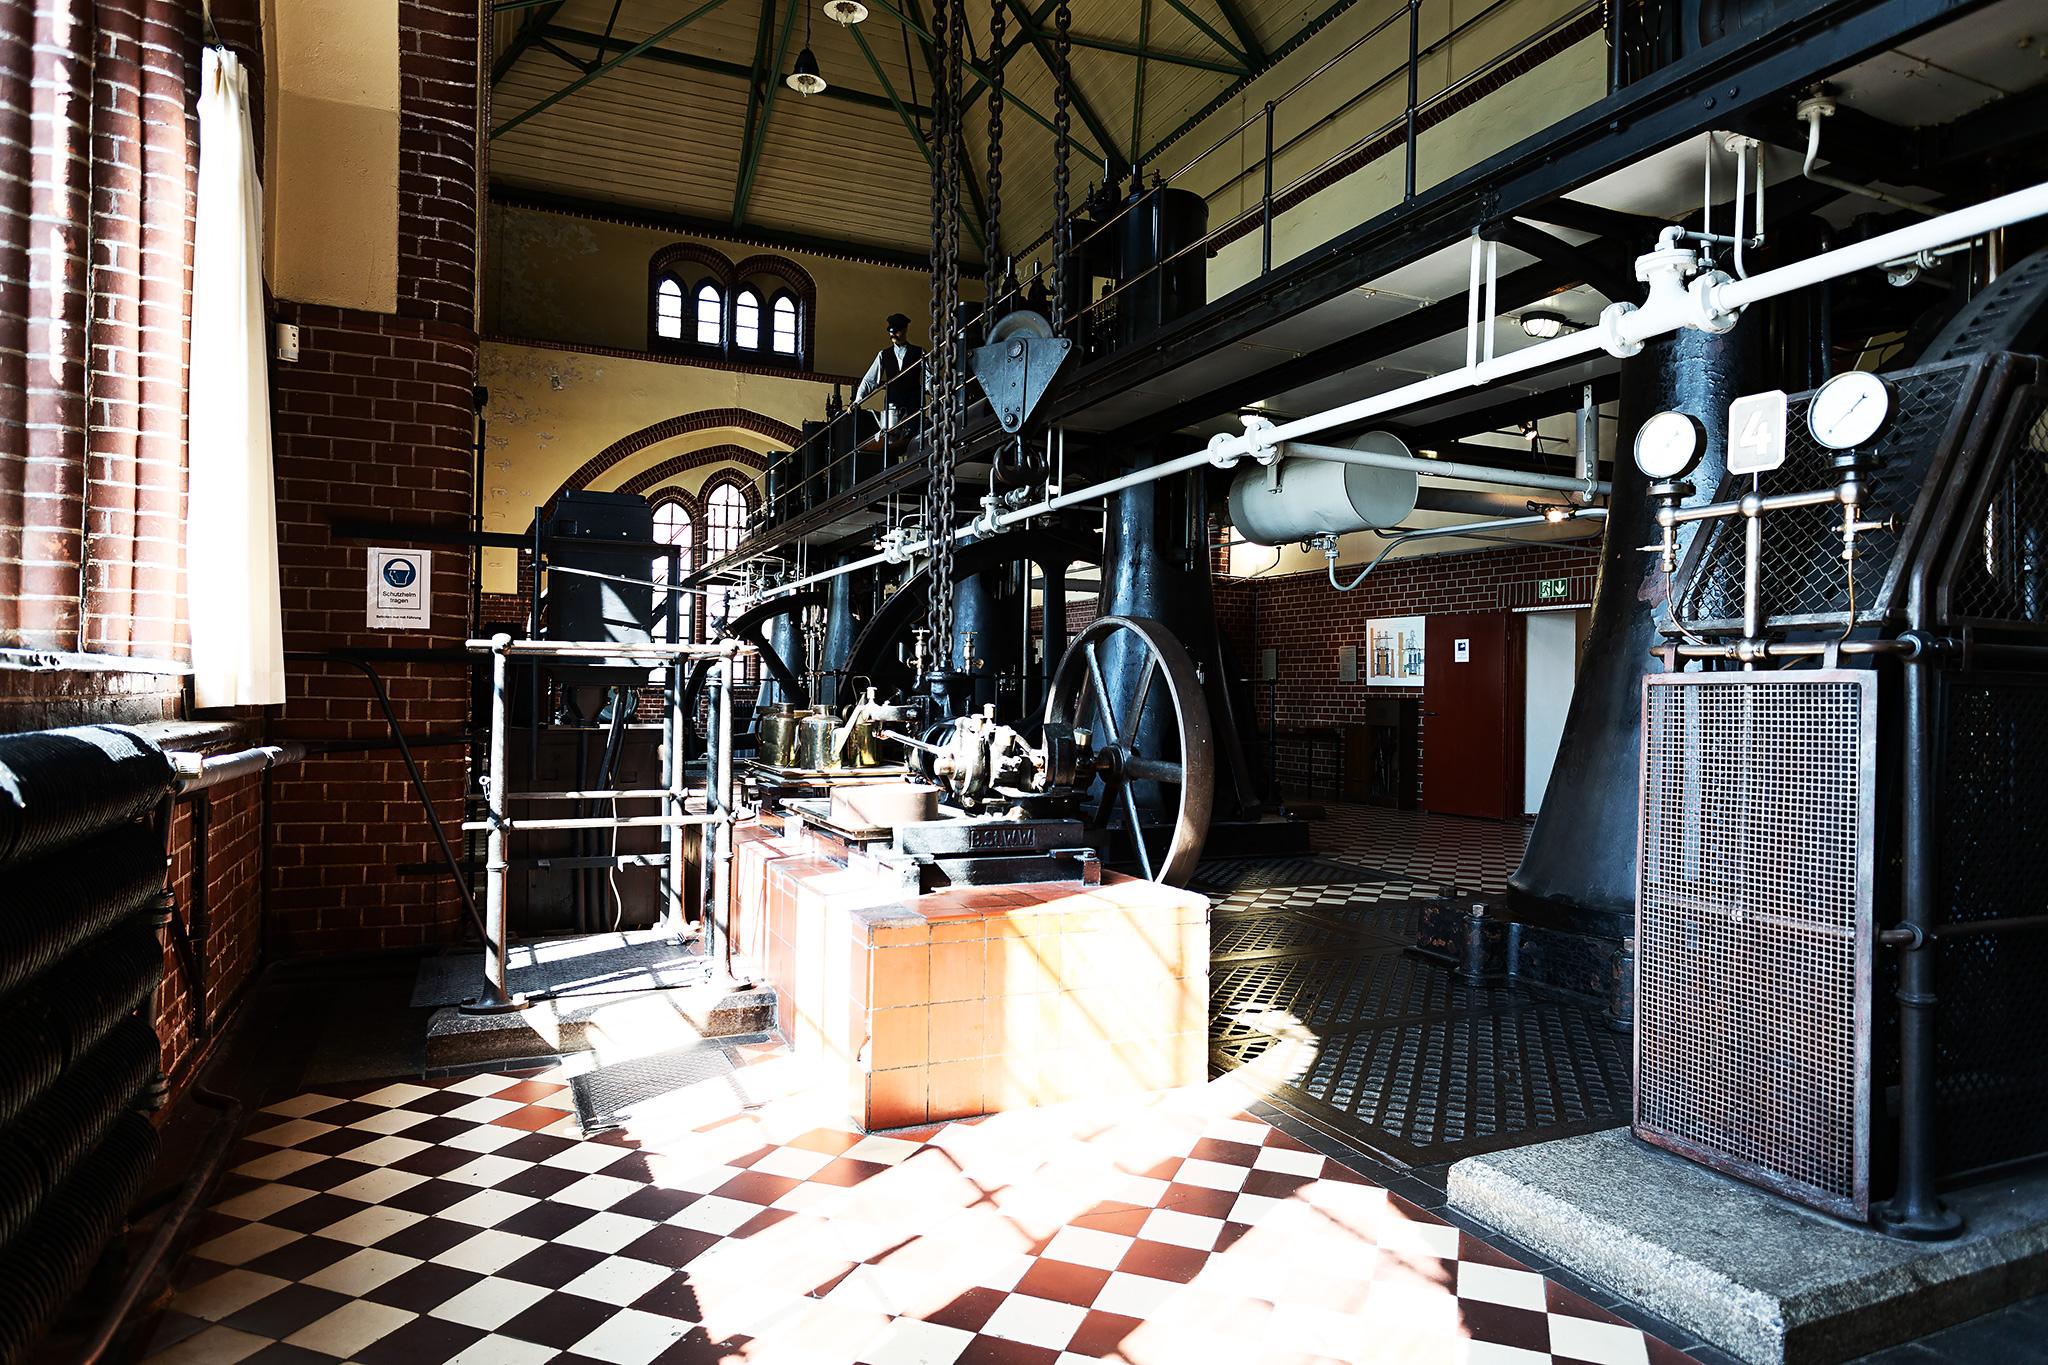 Blick in die Maschinenhalle des Alten Wasserkraftwerkes